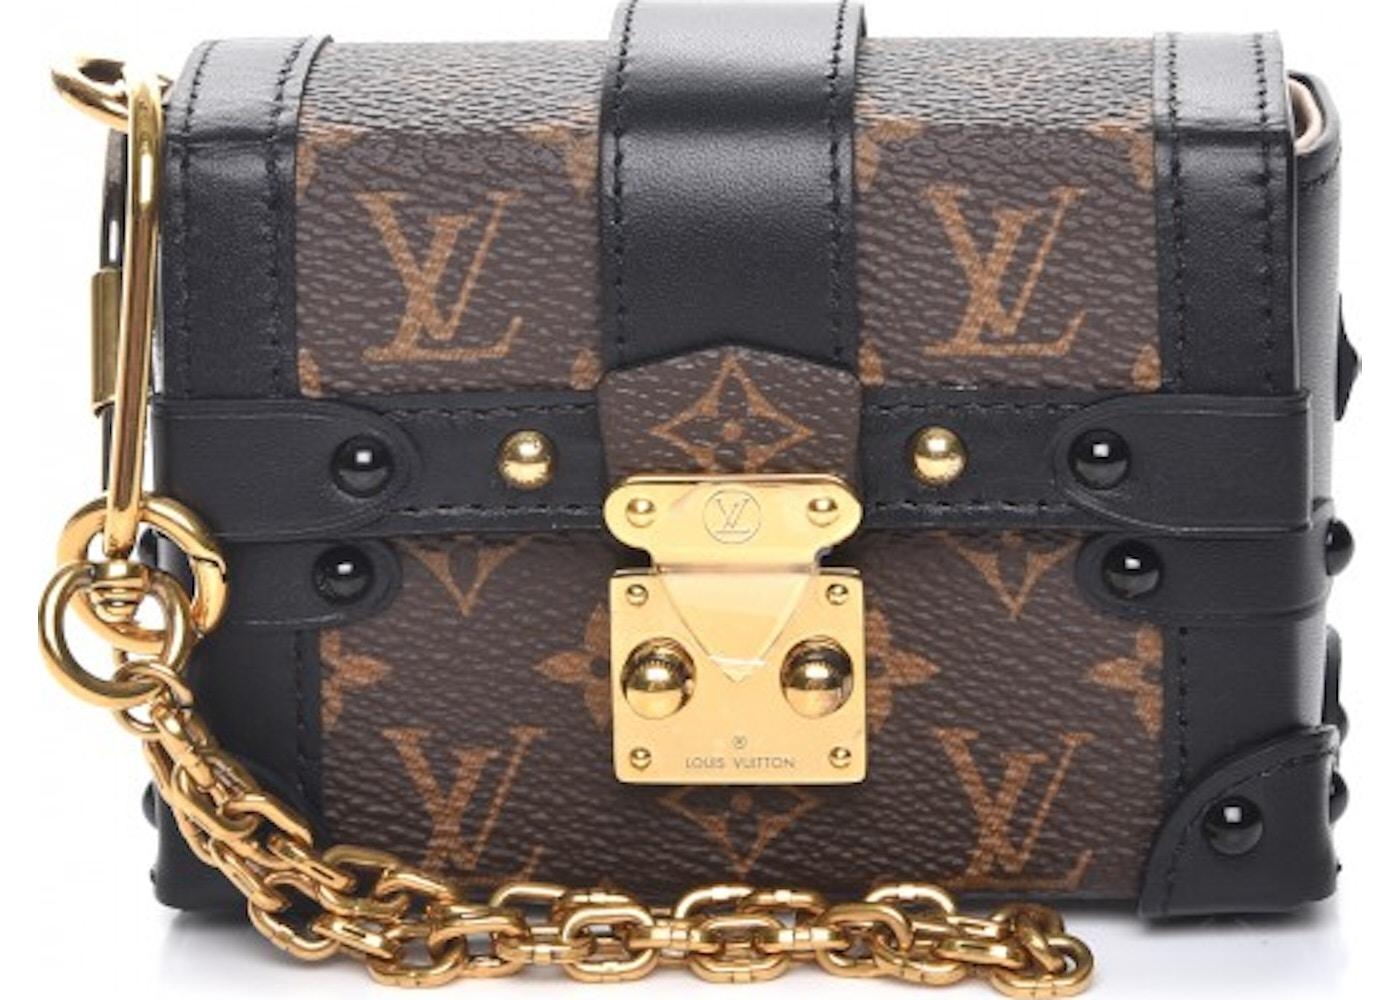 214f4315d408 Louis Vuitton Trunk Essential Monogram Noir Black. Monogram Noir Black